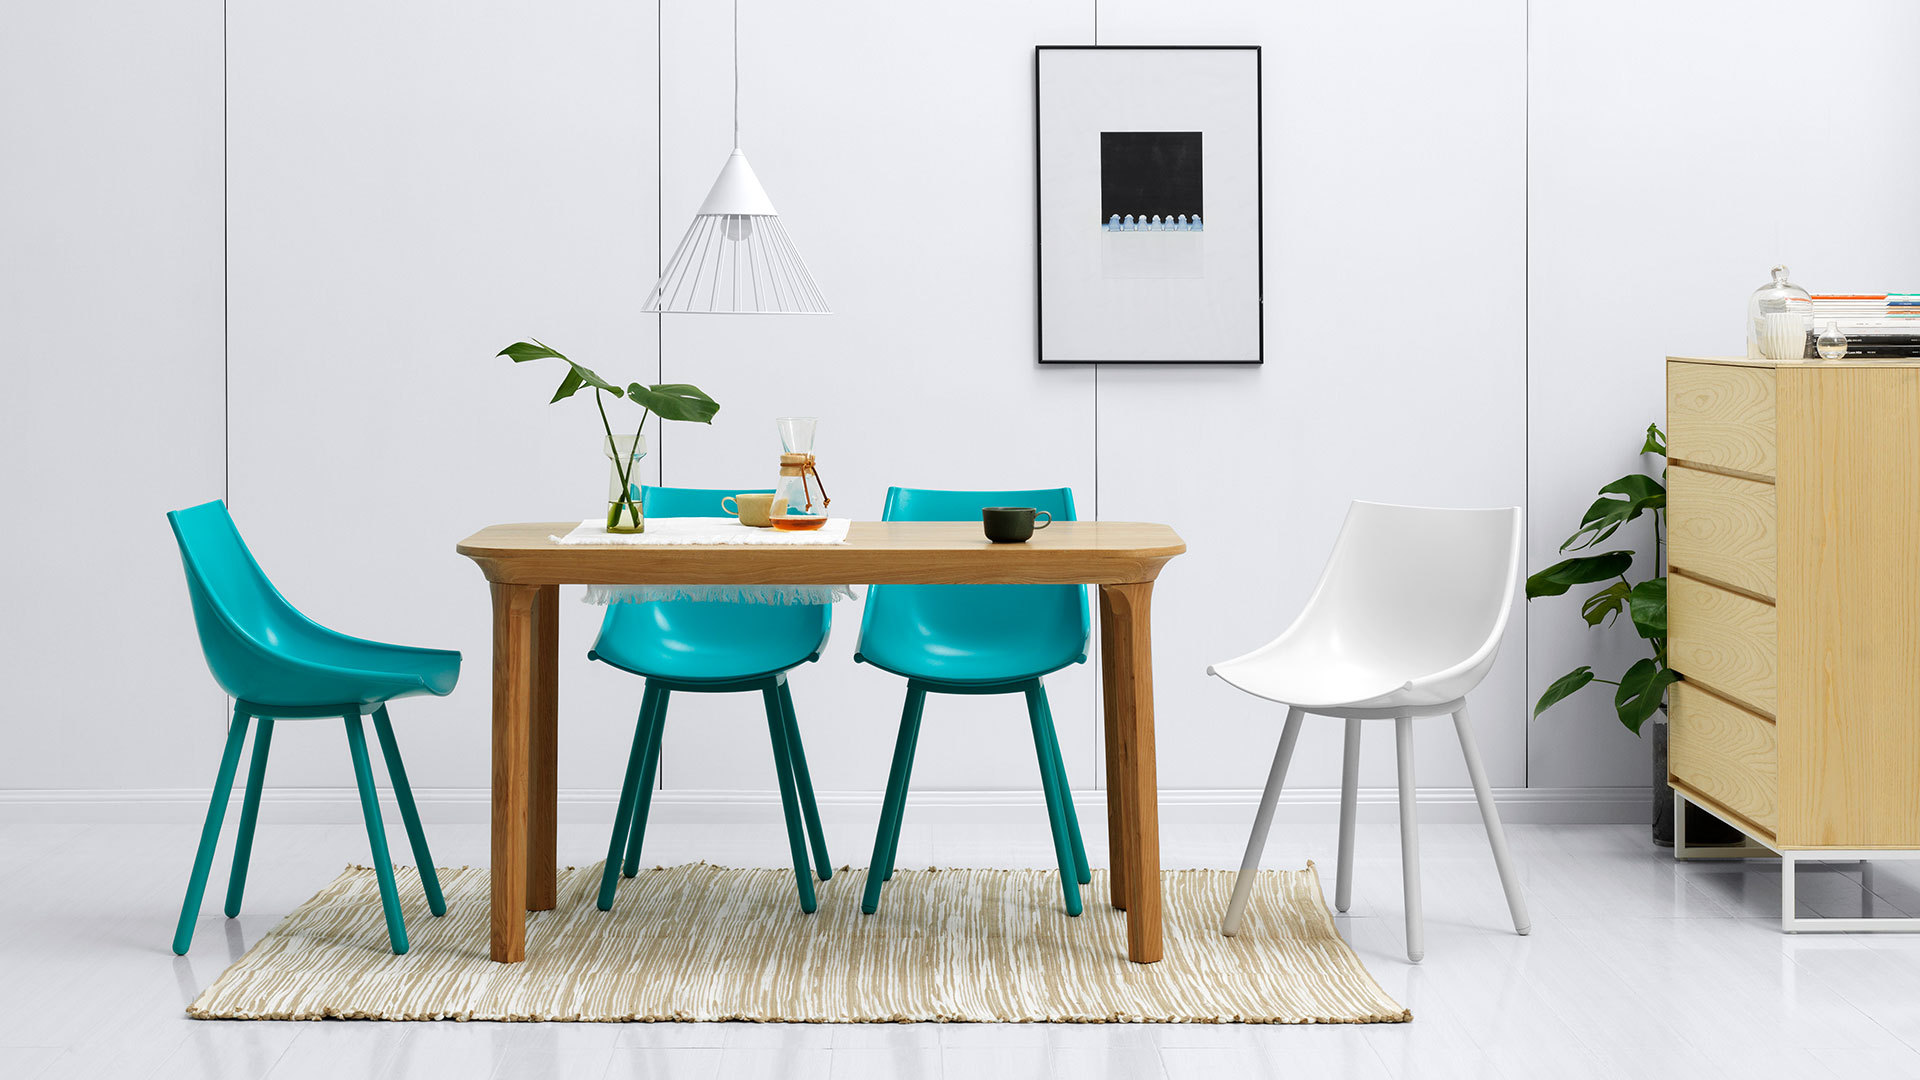 瓦檐餐桌,精致空间的优雅餐桌